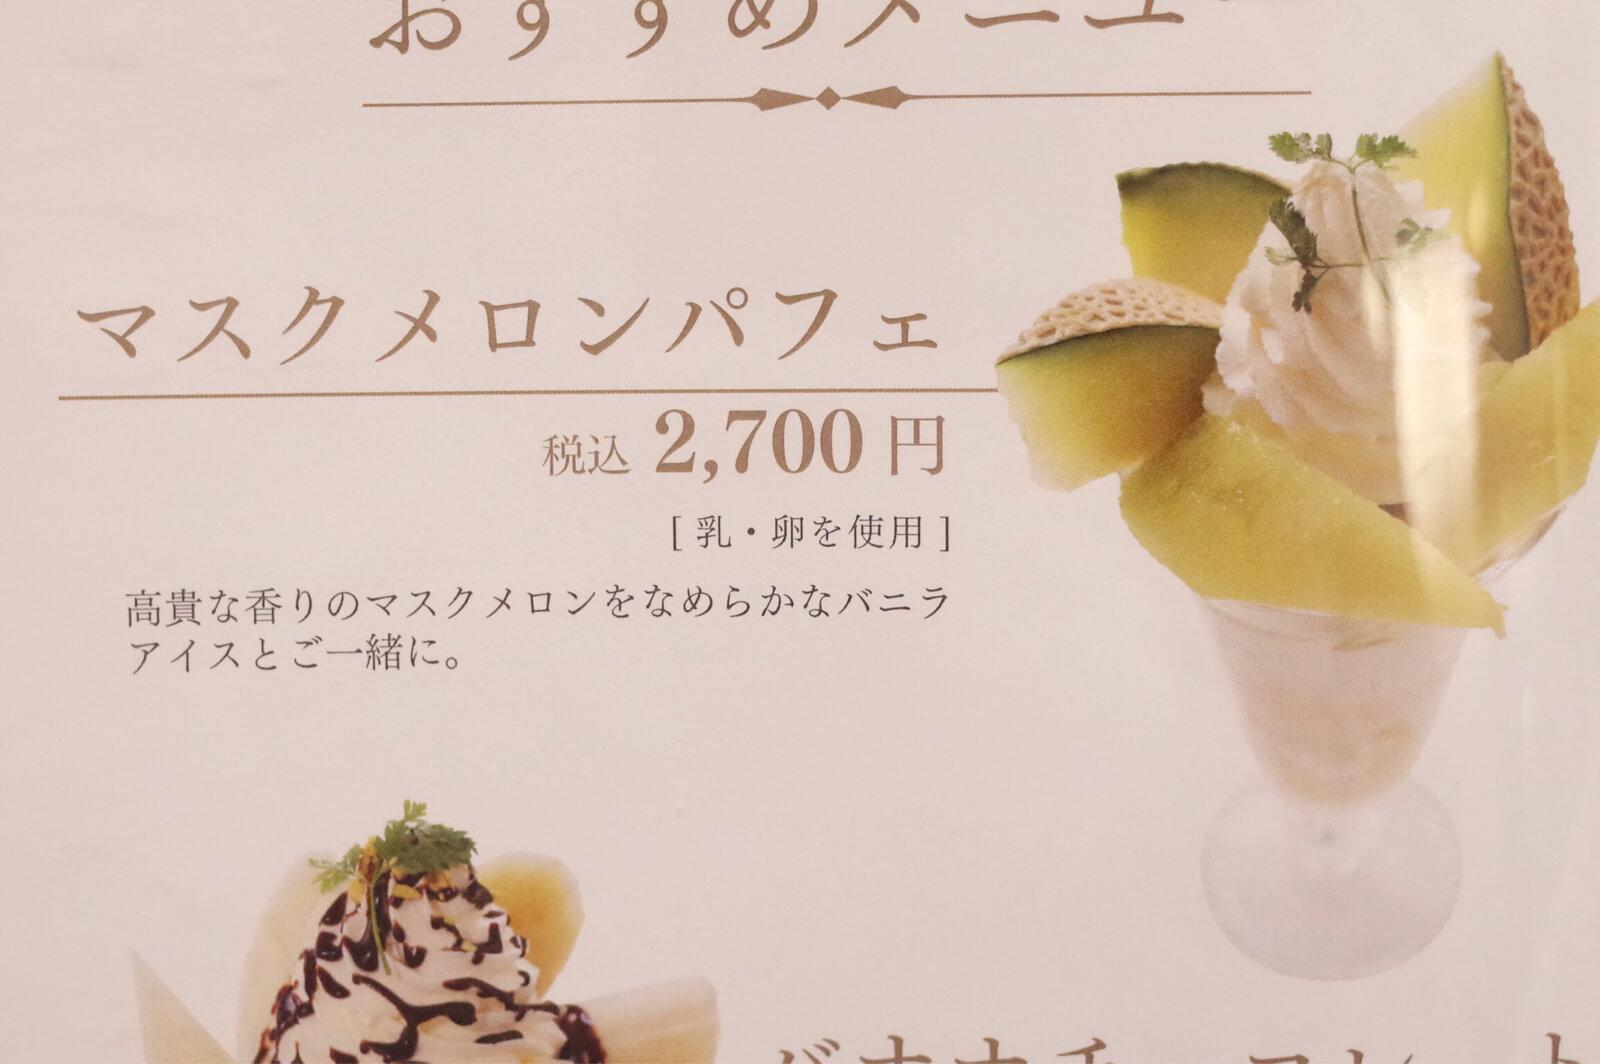 千疋屋 総本店  メニュー マスクメロン